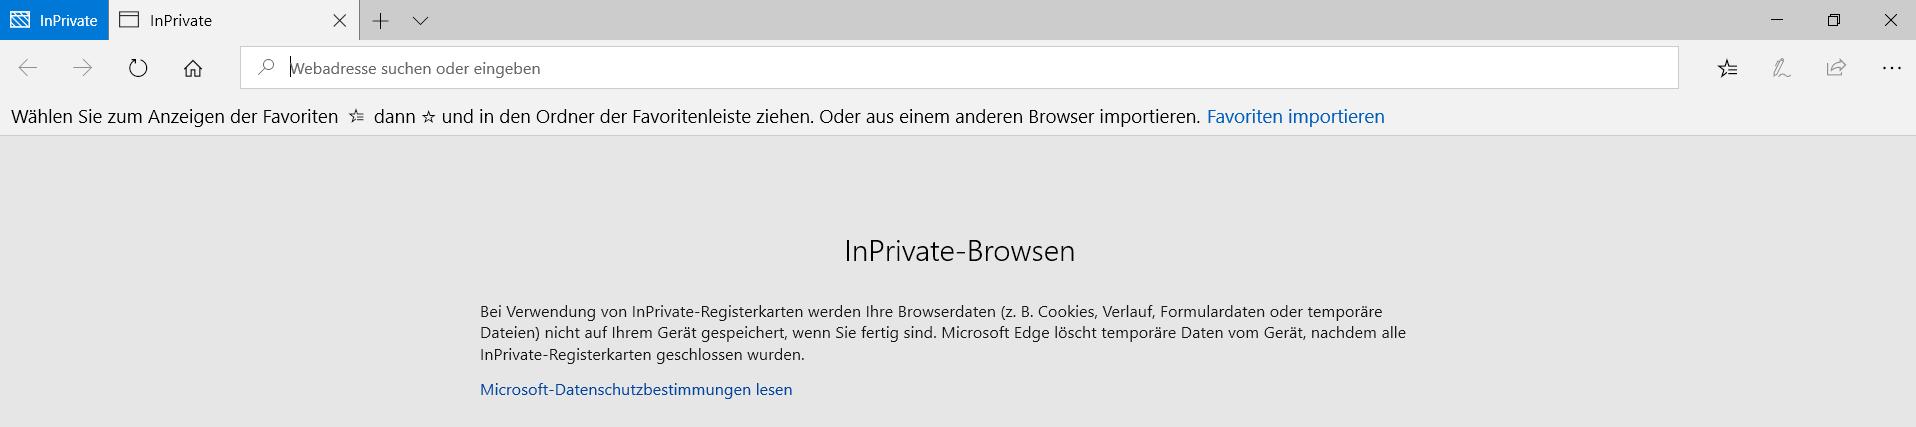 immer privater modus - InPrivate-Modus dauerhaft im Edge Browser nutzen